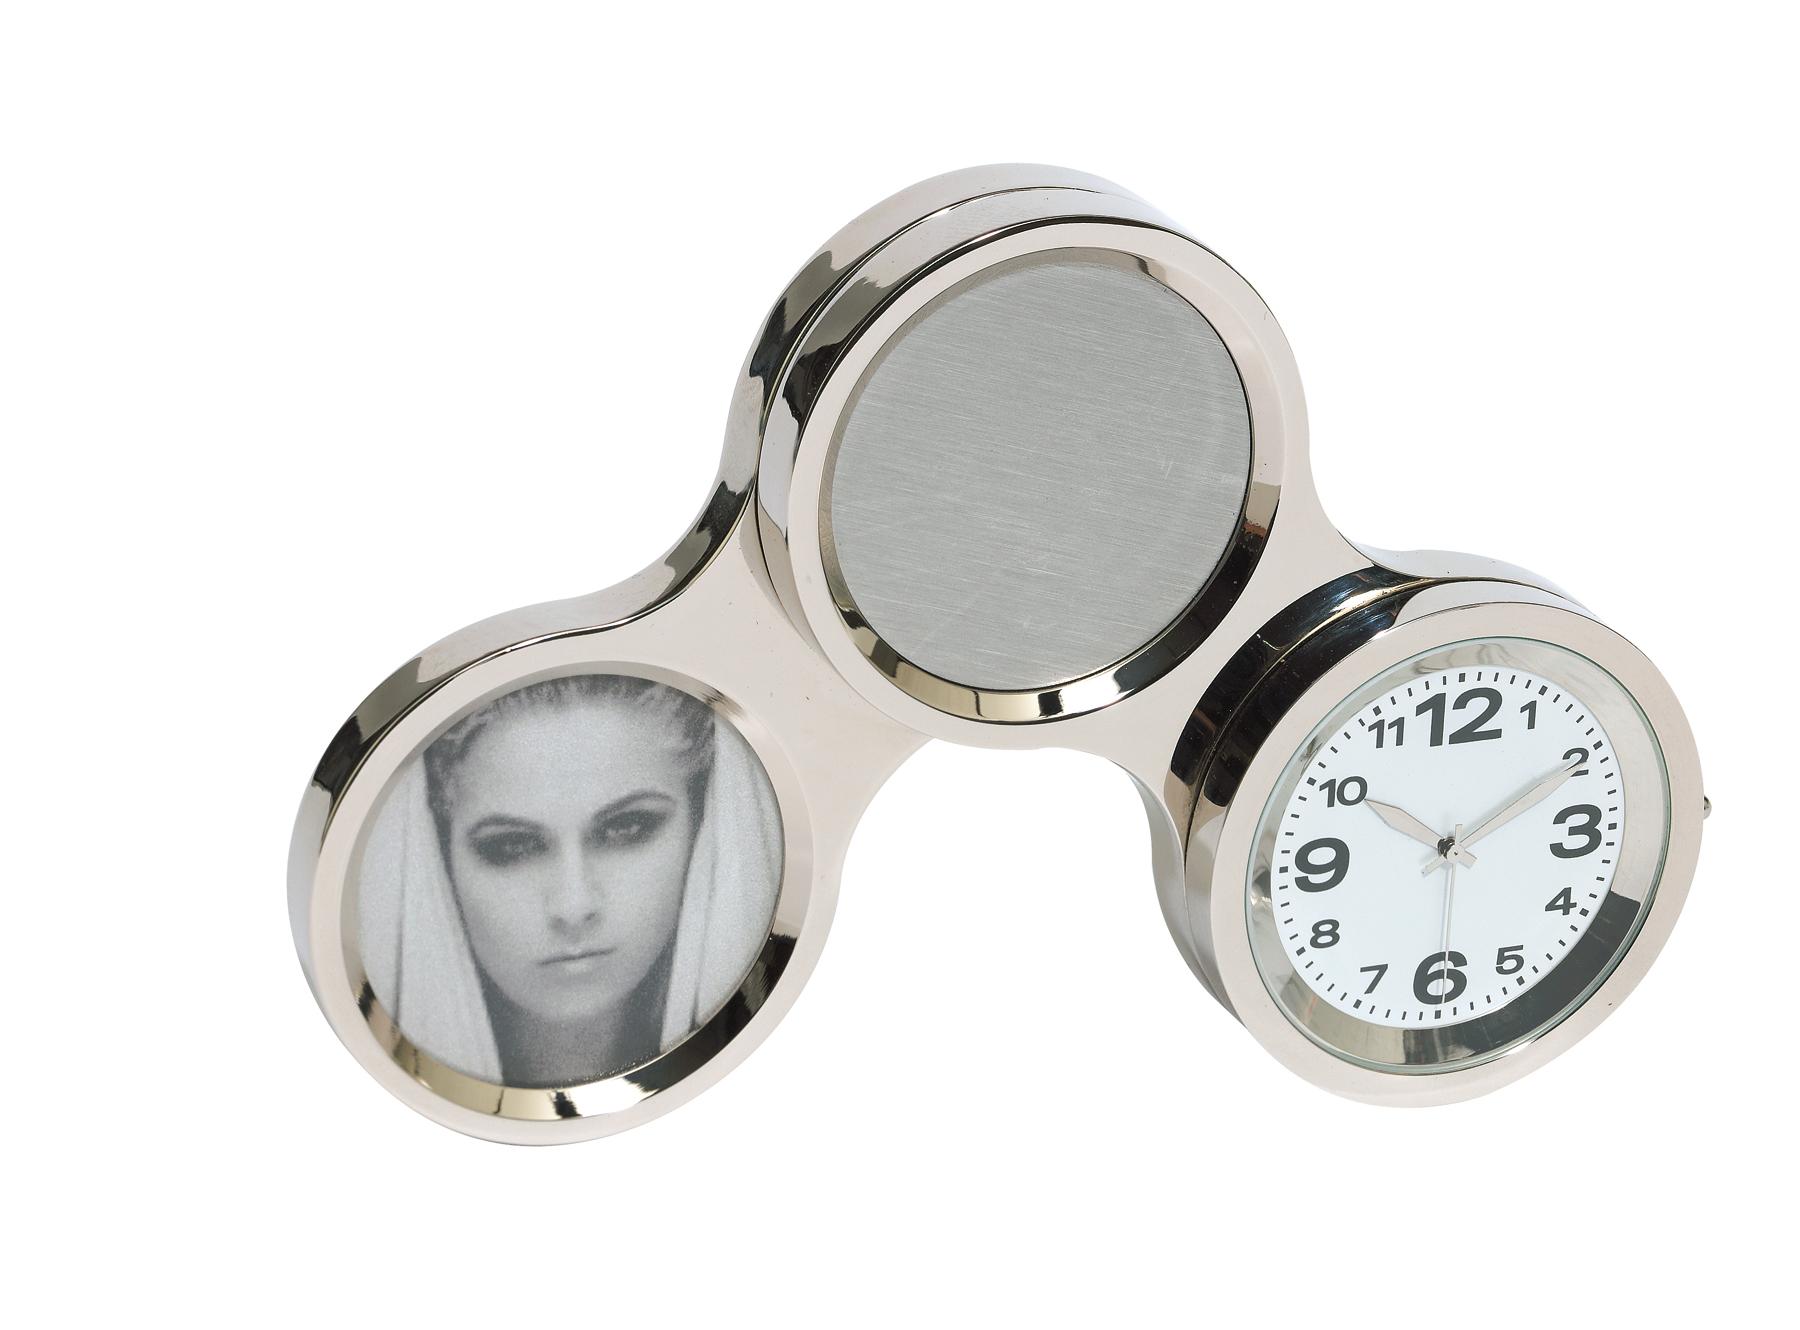 Obrotowy zegar CIRCLE, srebrny